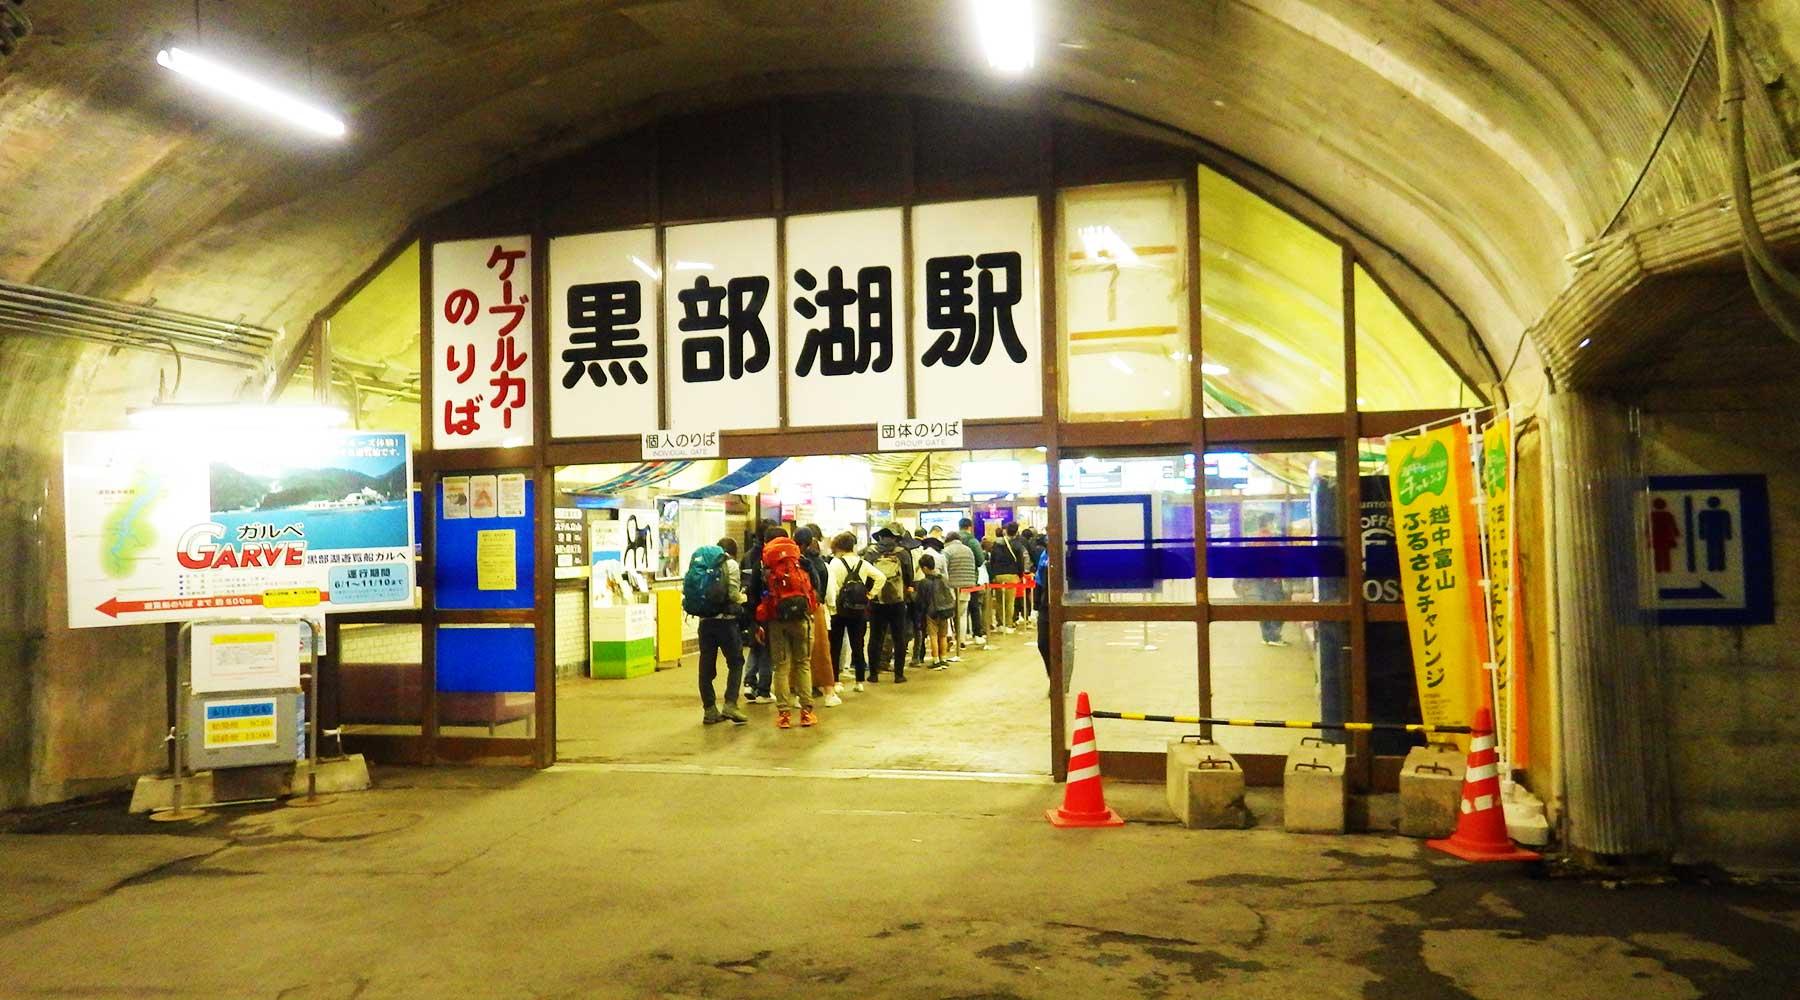 ケーブルカー黒部湖駅